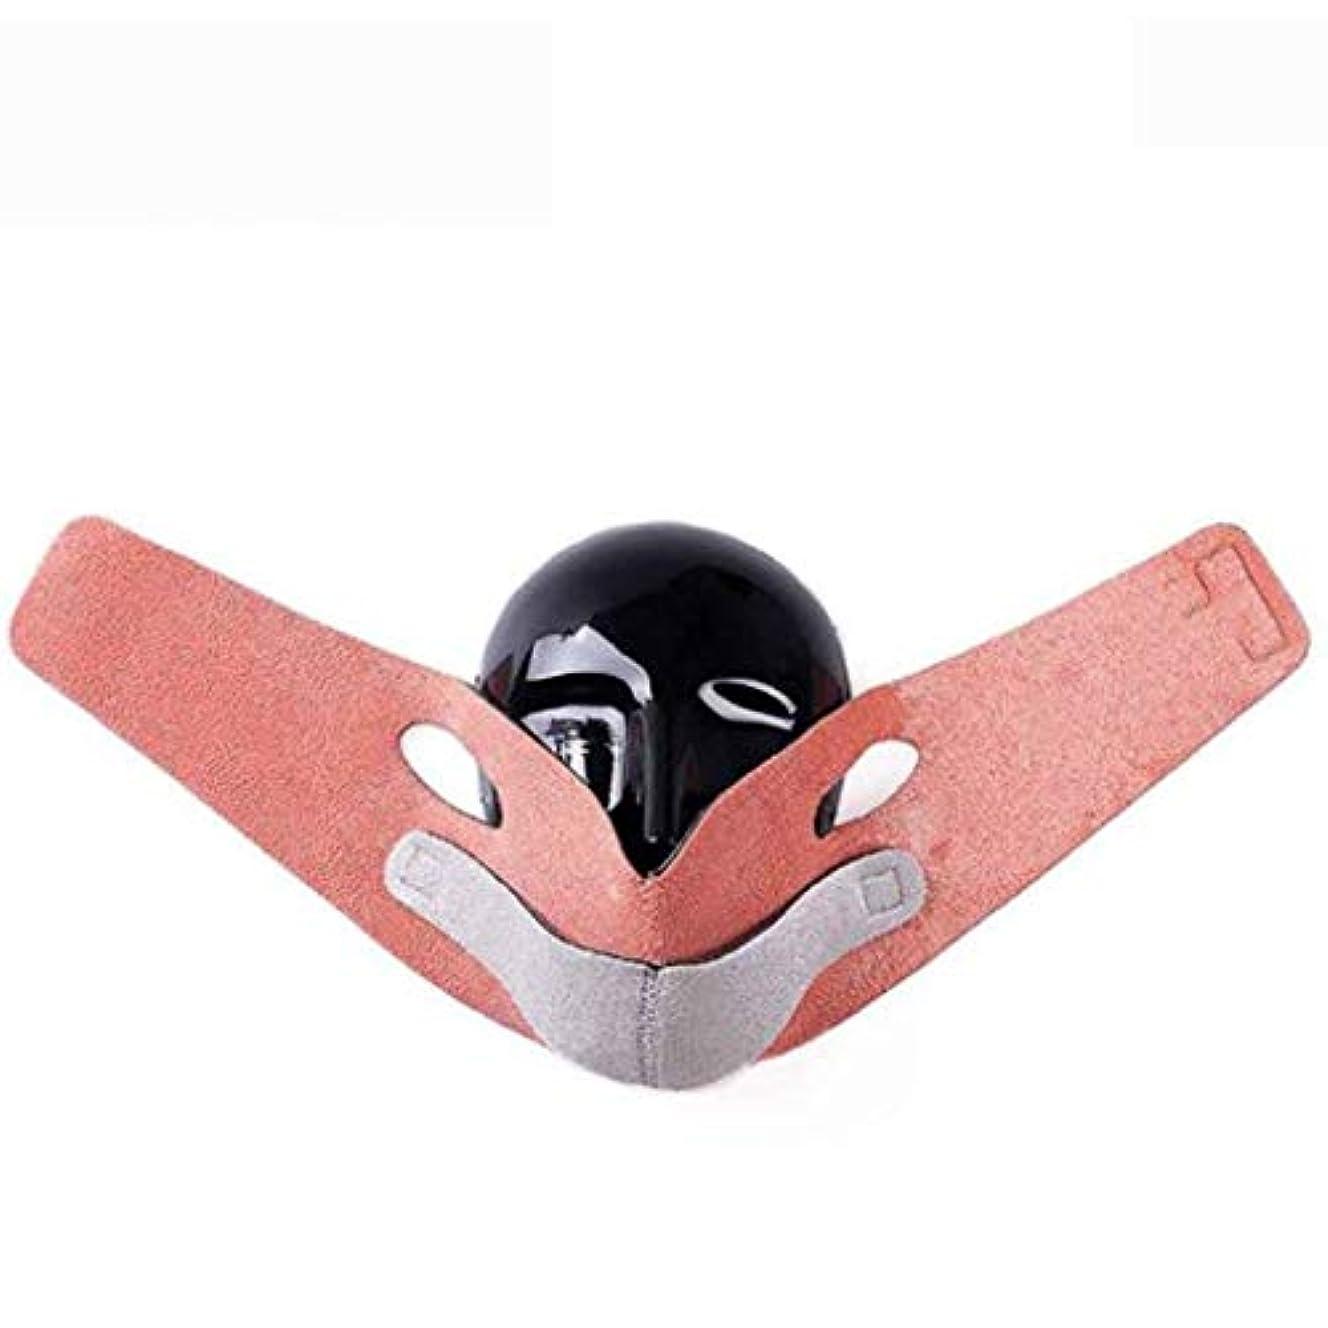 順応性乱用パットVフェイスマスク - リフティングフェイスロスダブルチン - スモールフェイス包帯矯正フェイスタイプ